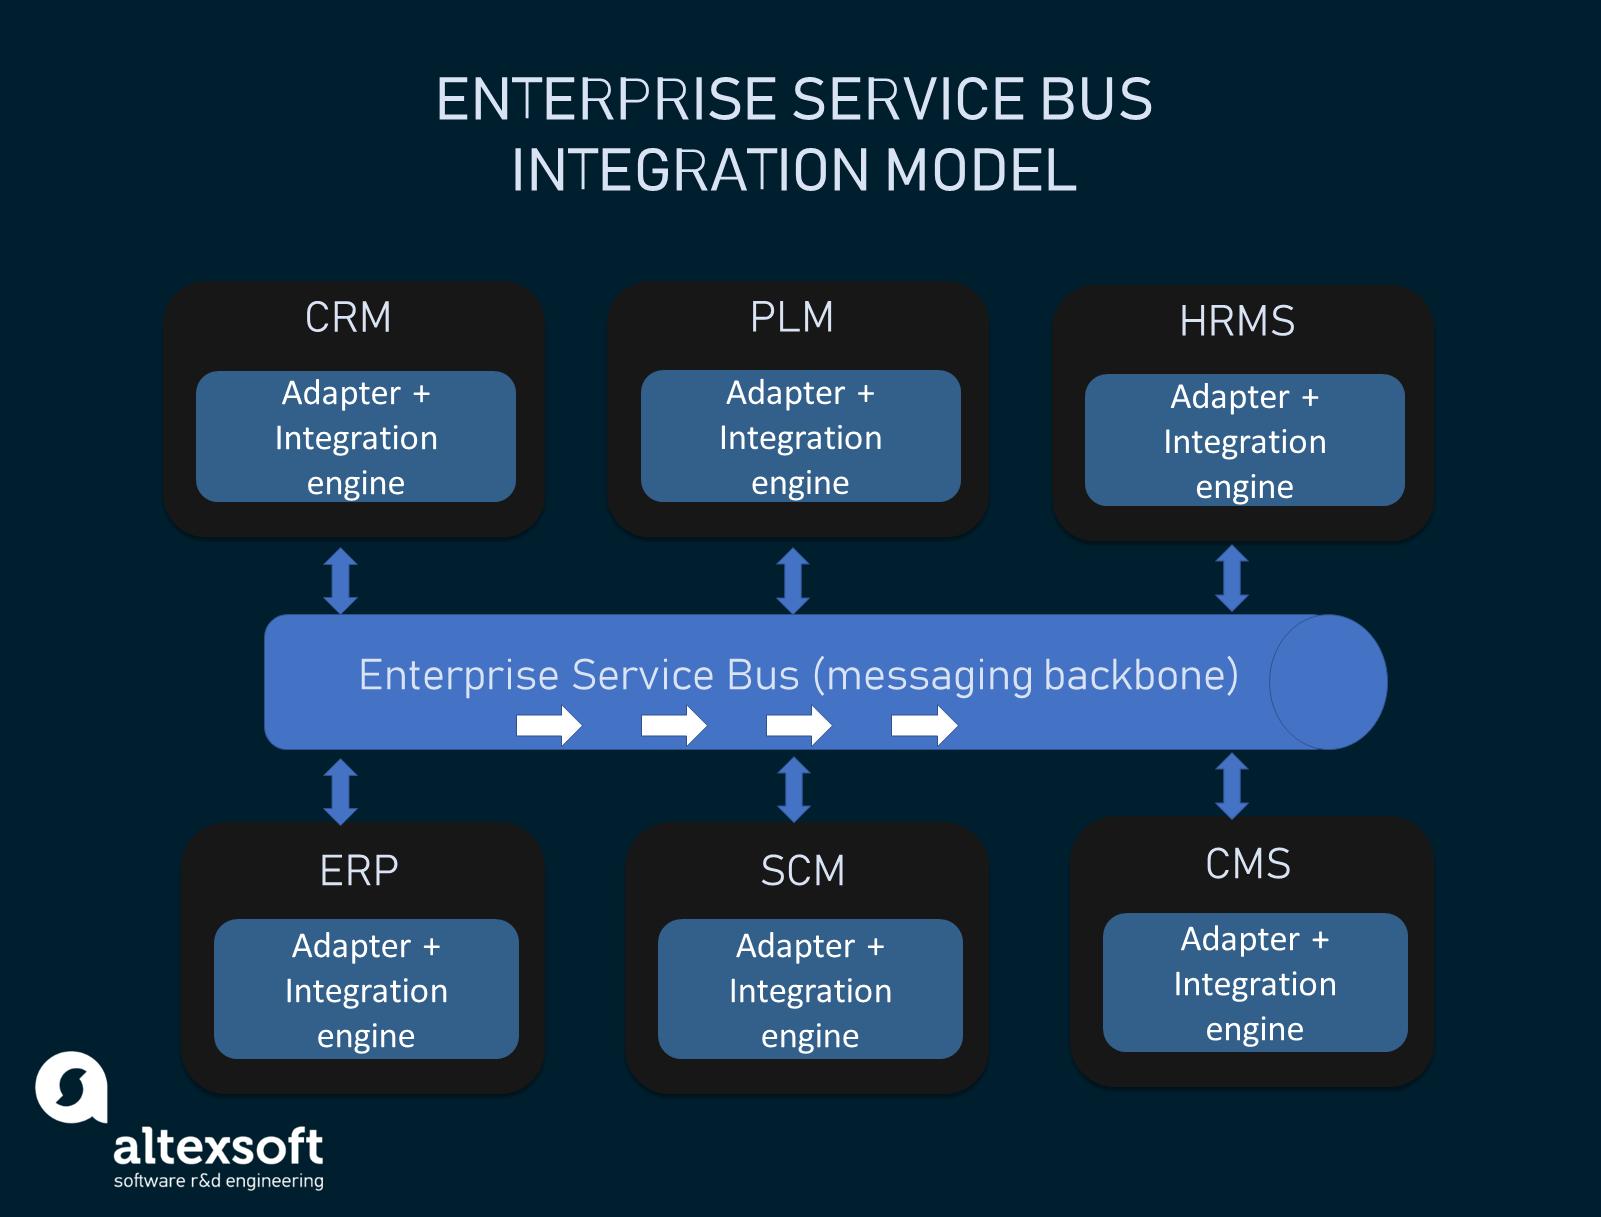 The enterprise service bus integration architecture